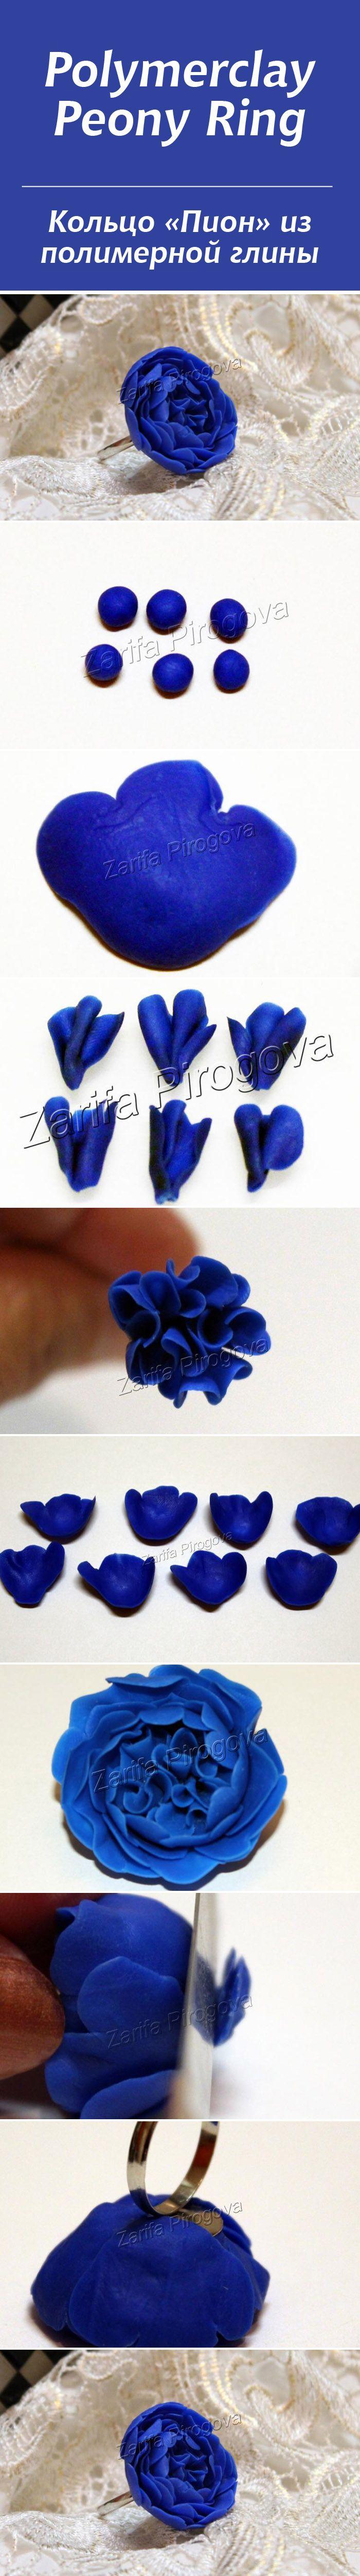 """Кольцо """"Пион"""" из полимерной глины #diy #tutorial #polymerclay"""